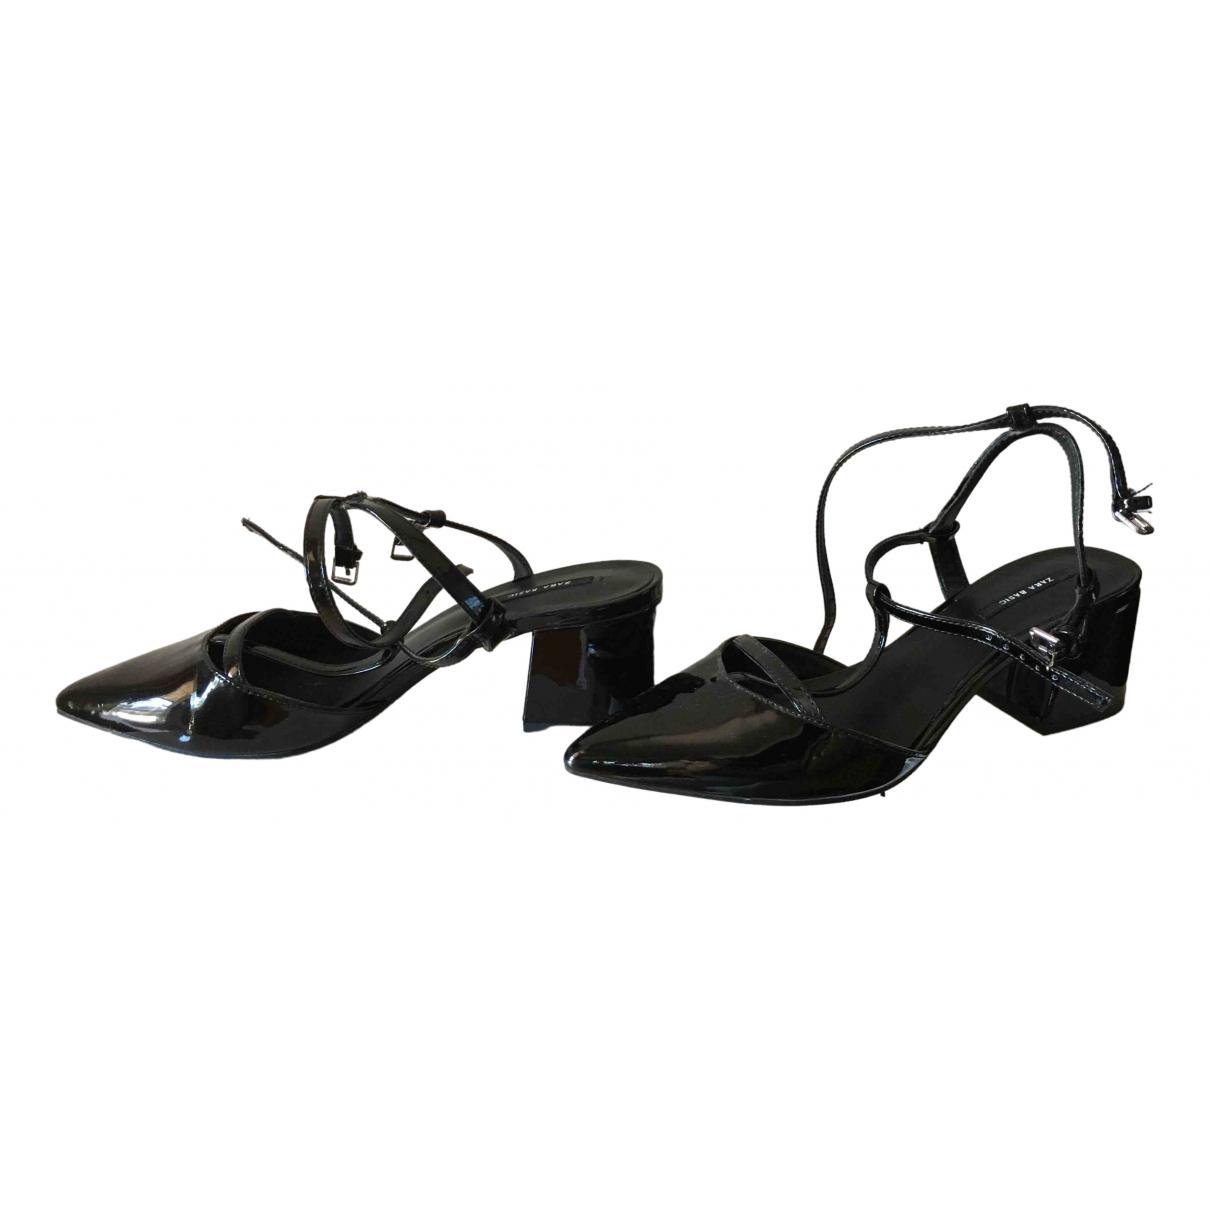 Zara \N Black Patent leather Heels for Women 38 IT